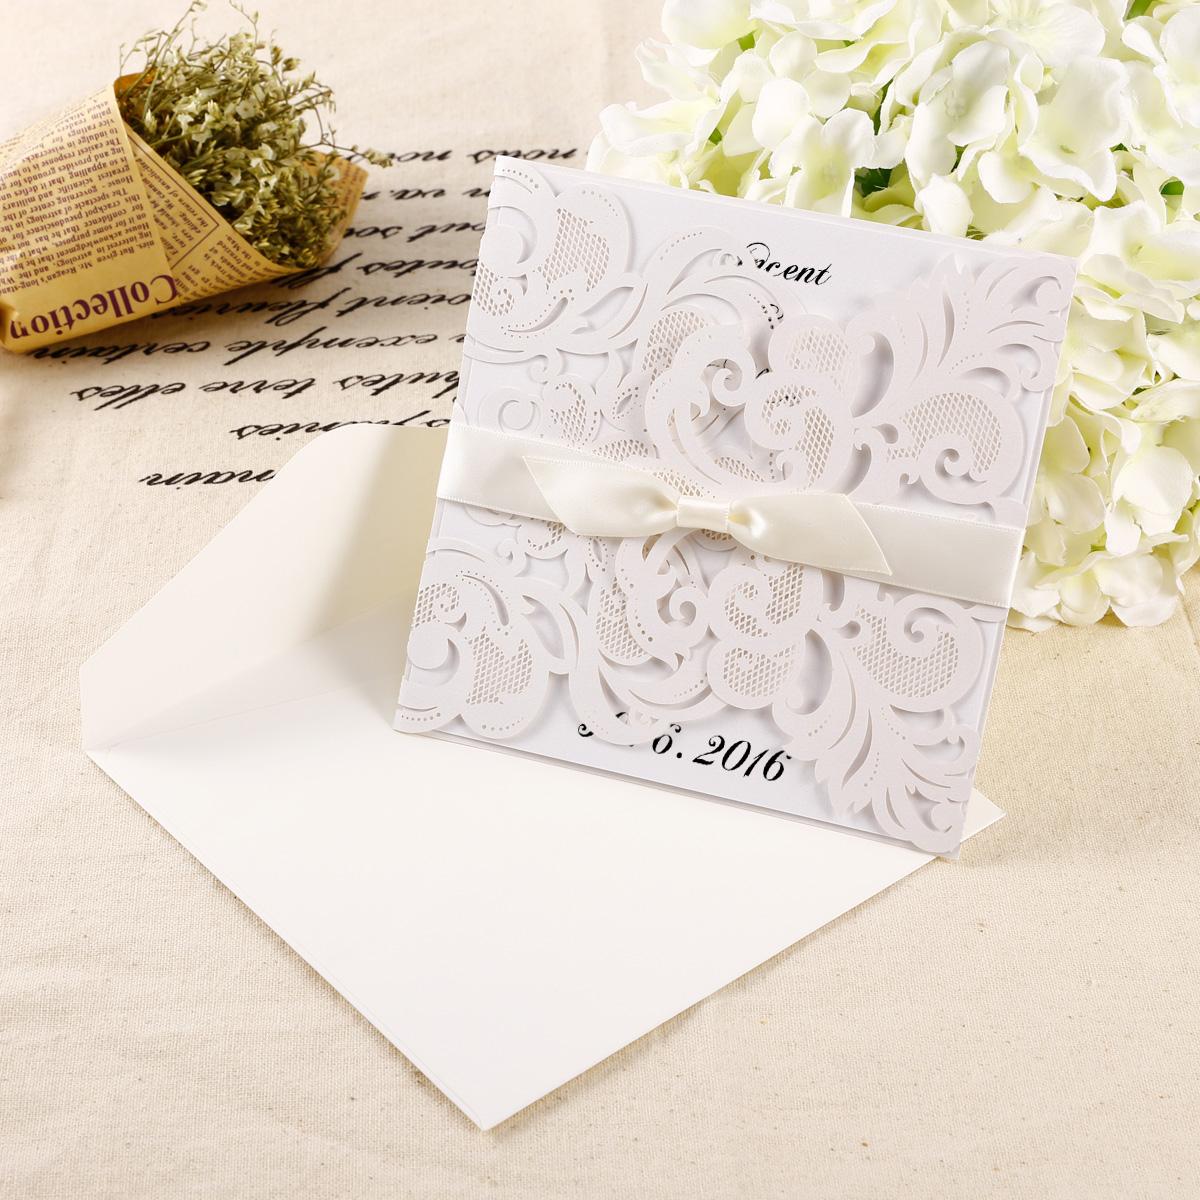 10er laser cut einladungskarten spitze design geburtstag hochzeit einladung ebay. Black Bedroom Furniture Sets. Home Design Ideas